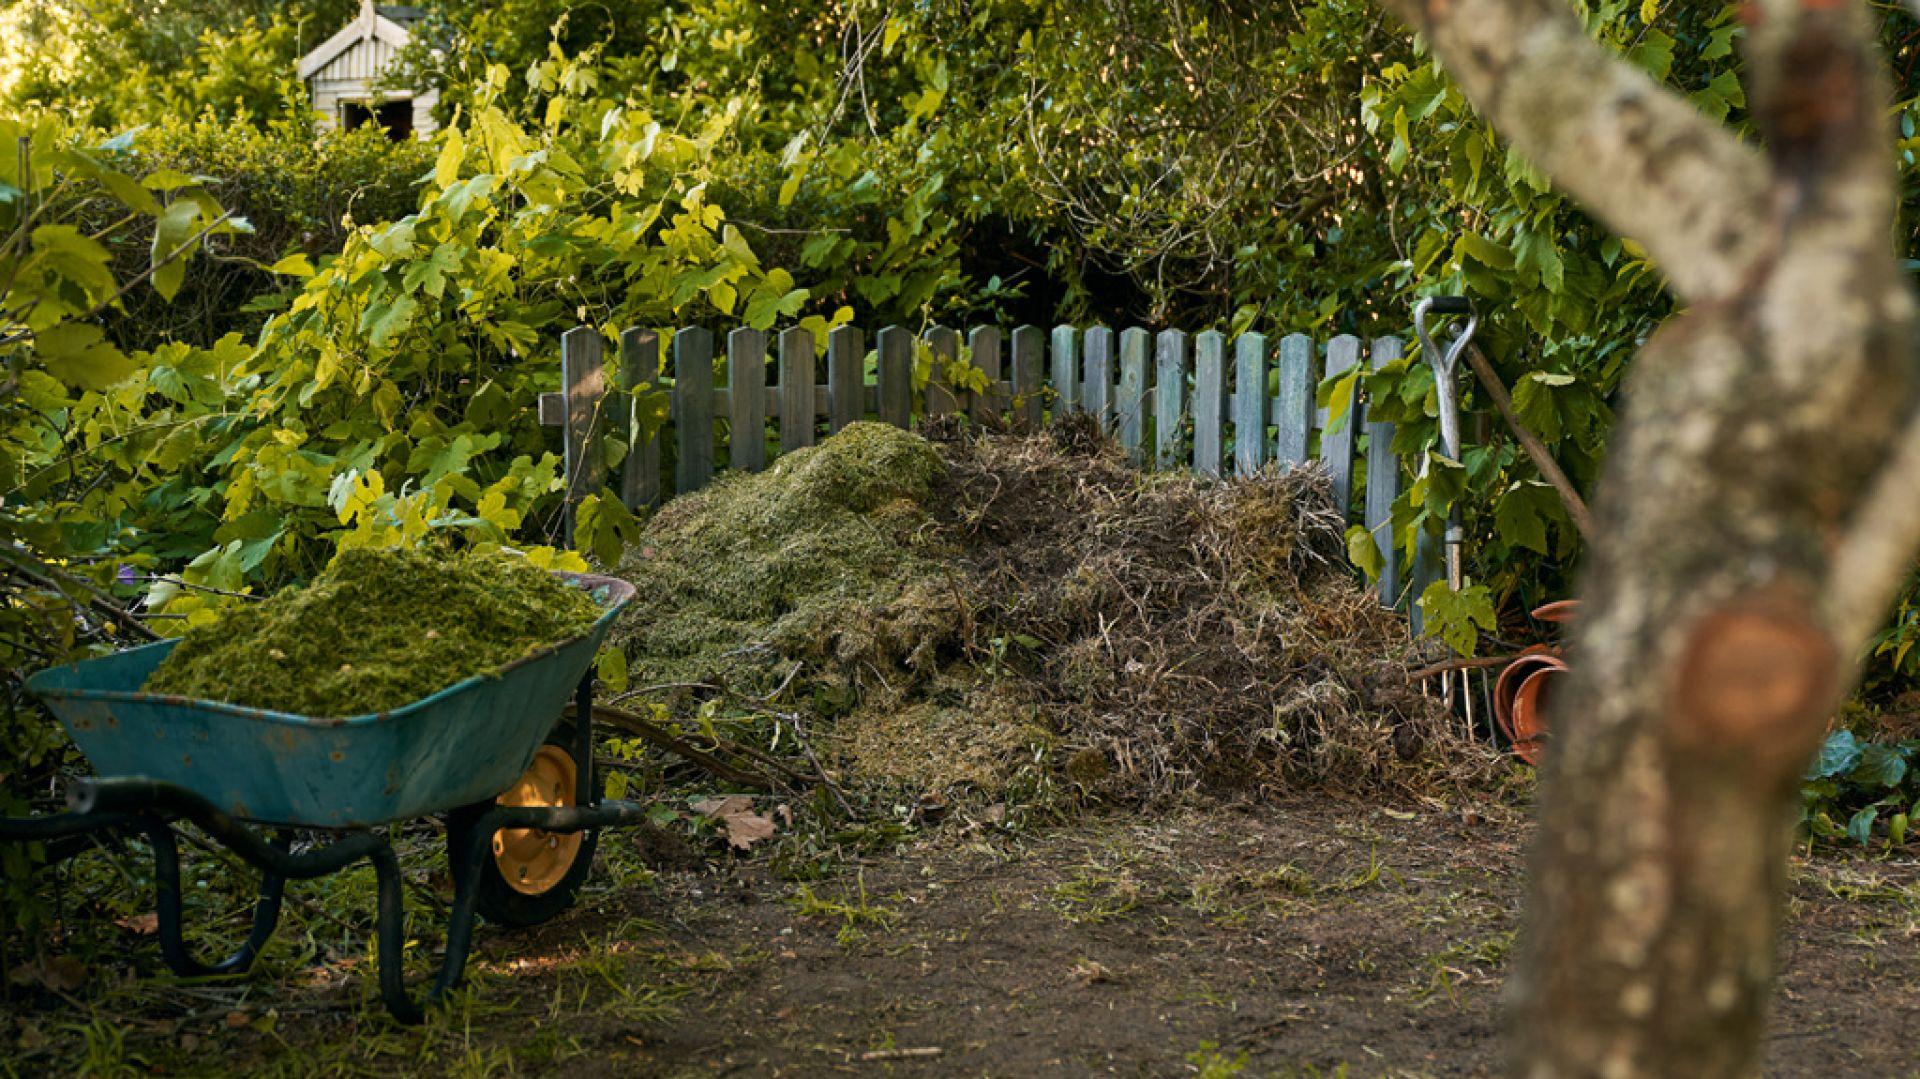 Jesień jest dobrym czasem na rozpoczęcie przygody z kompostowaniem. Bogactwo opadłych liści, trawa koszona po raz ostatni przed zimą, a także duża ilość gałęzi pozostałych po pielęgnacji drzew i krzewów stanowią cenny materiał na kompost. Fot. Sthil